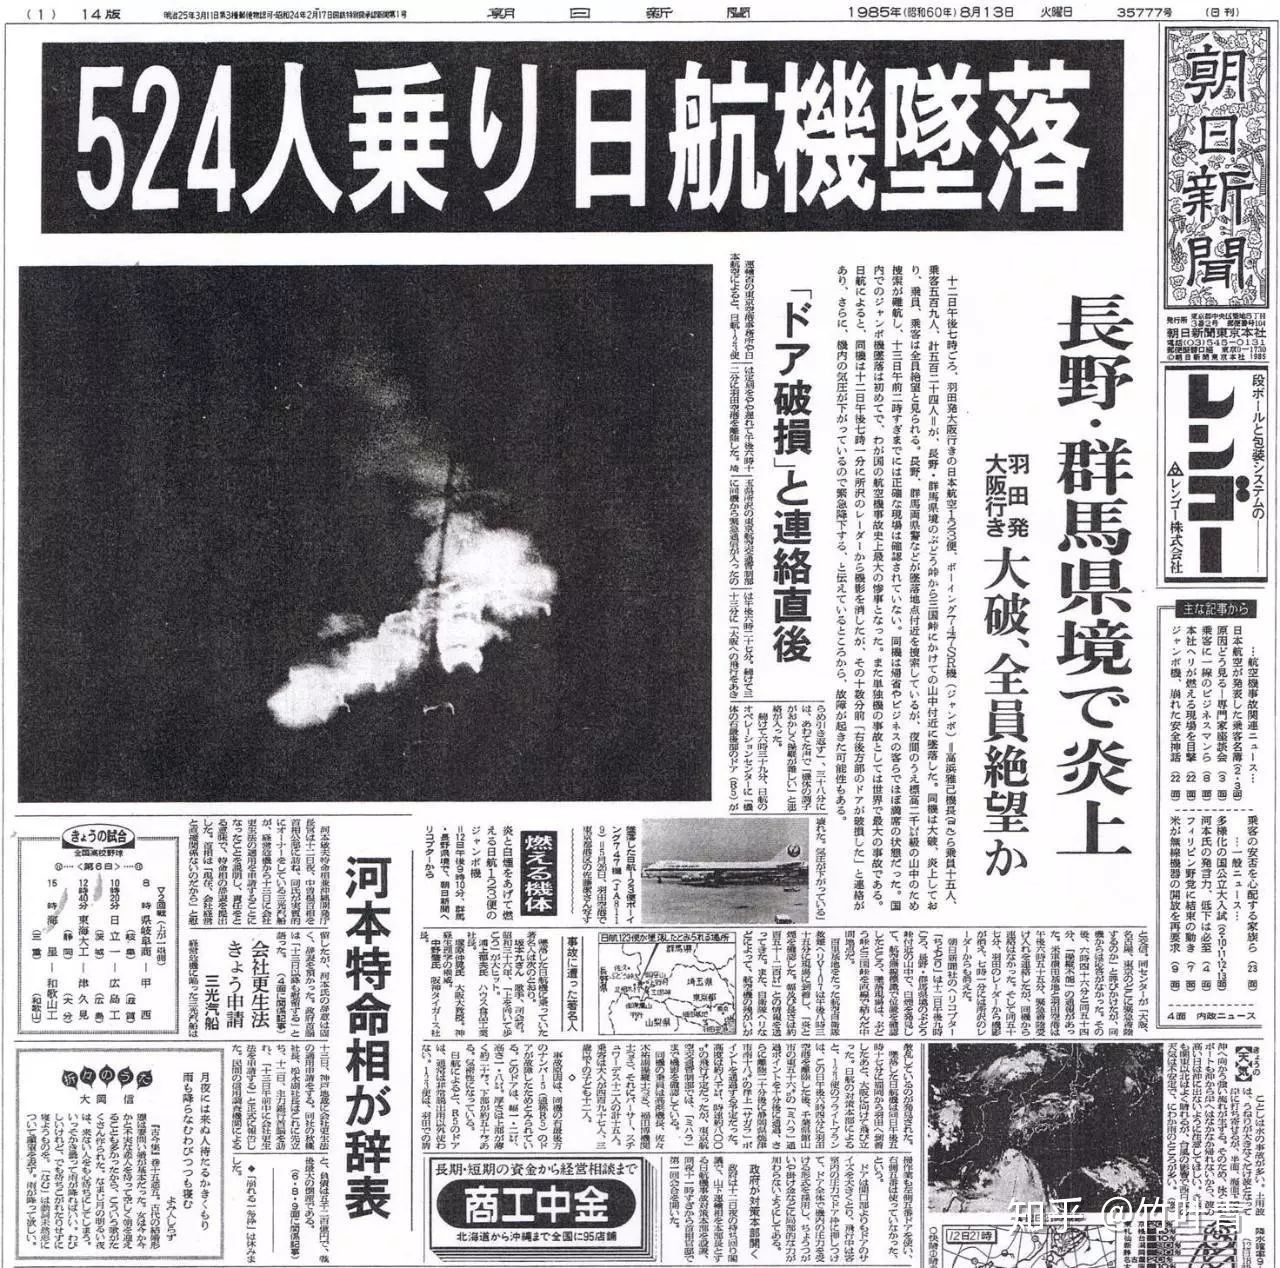 原因 事故 機 日航 墜落